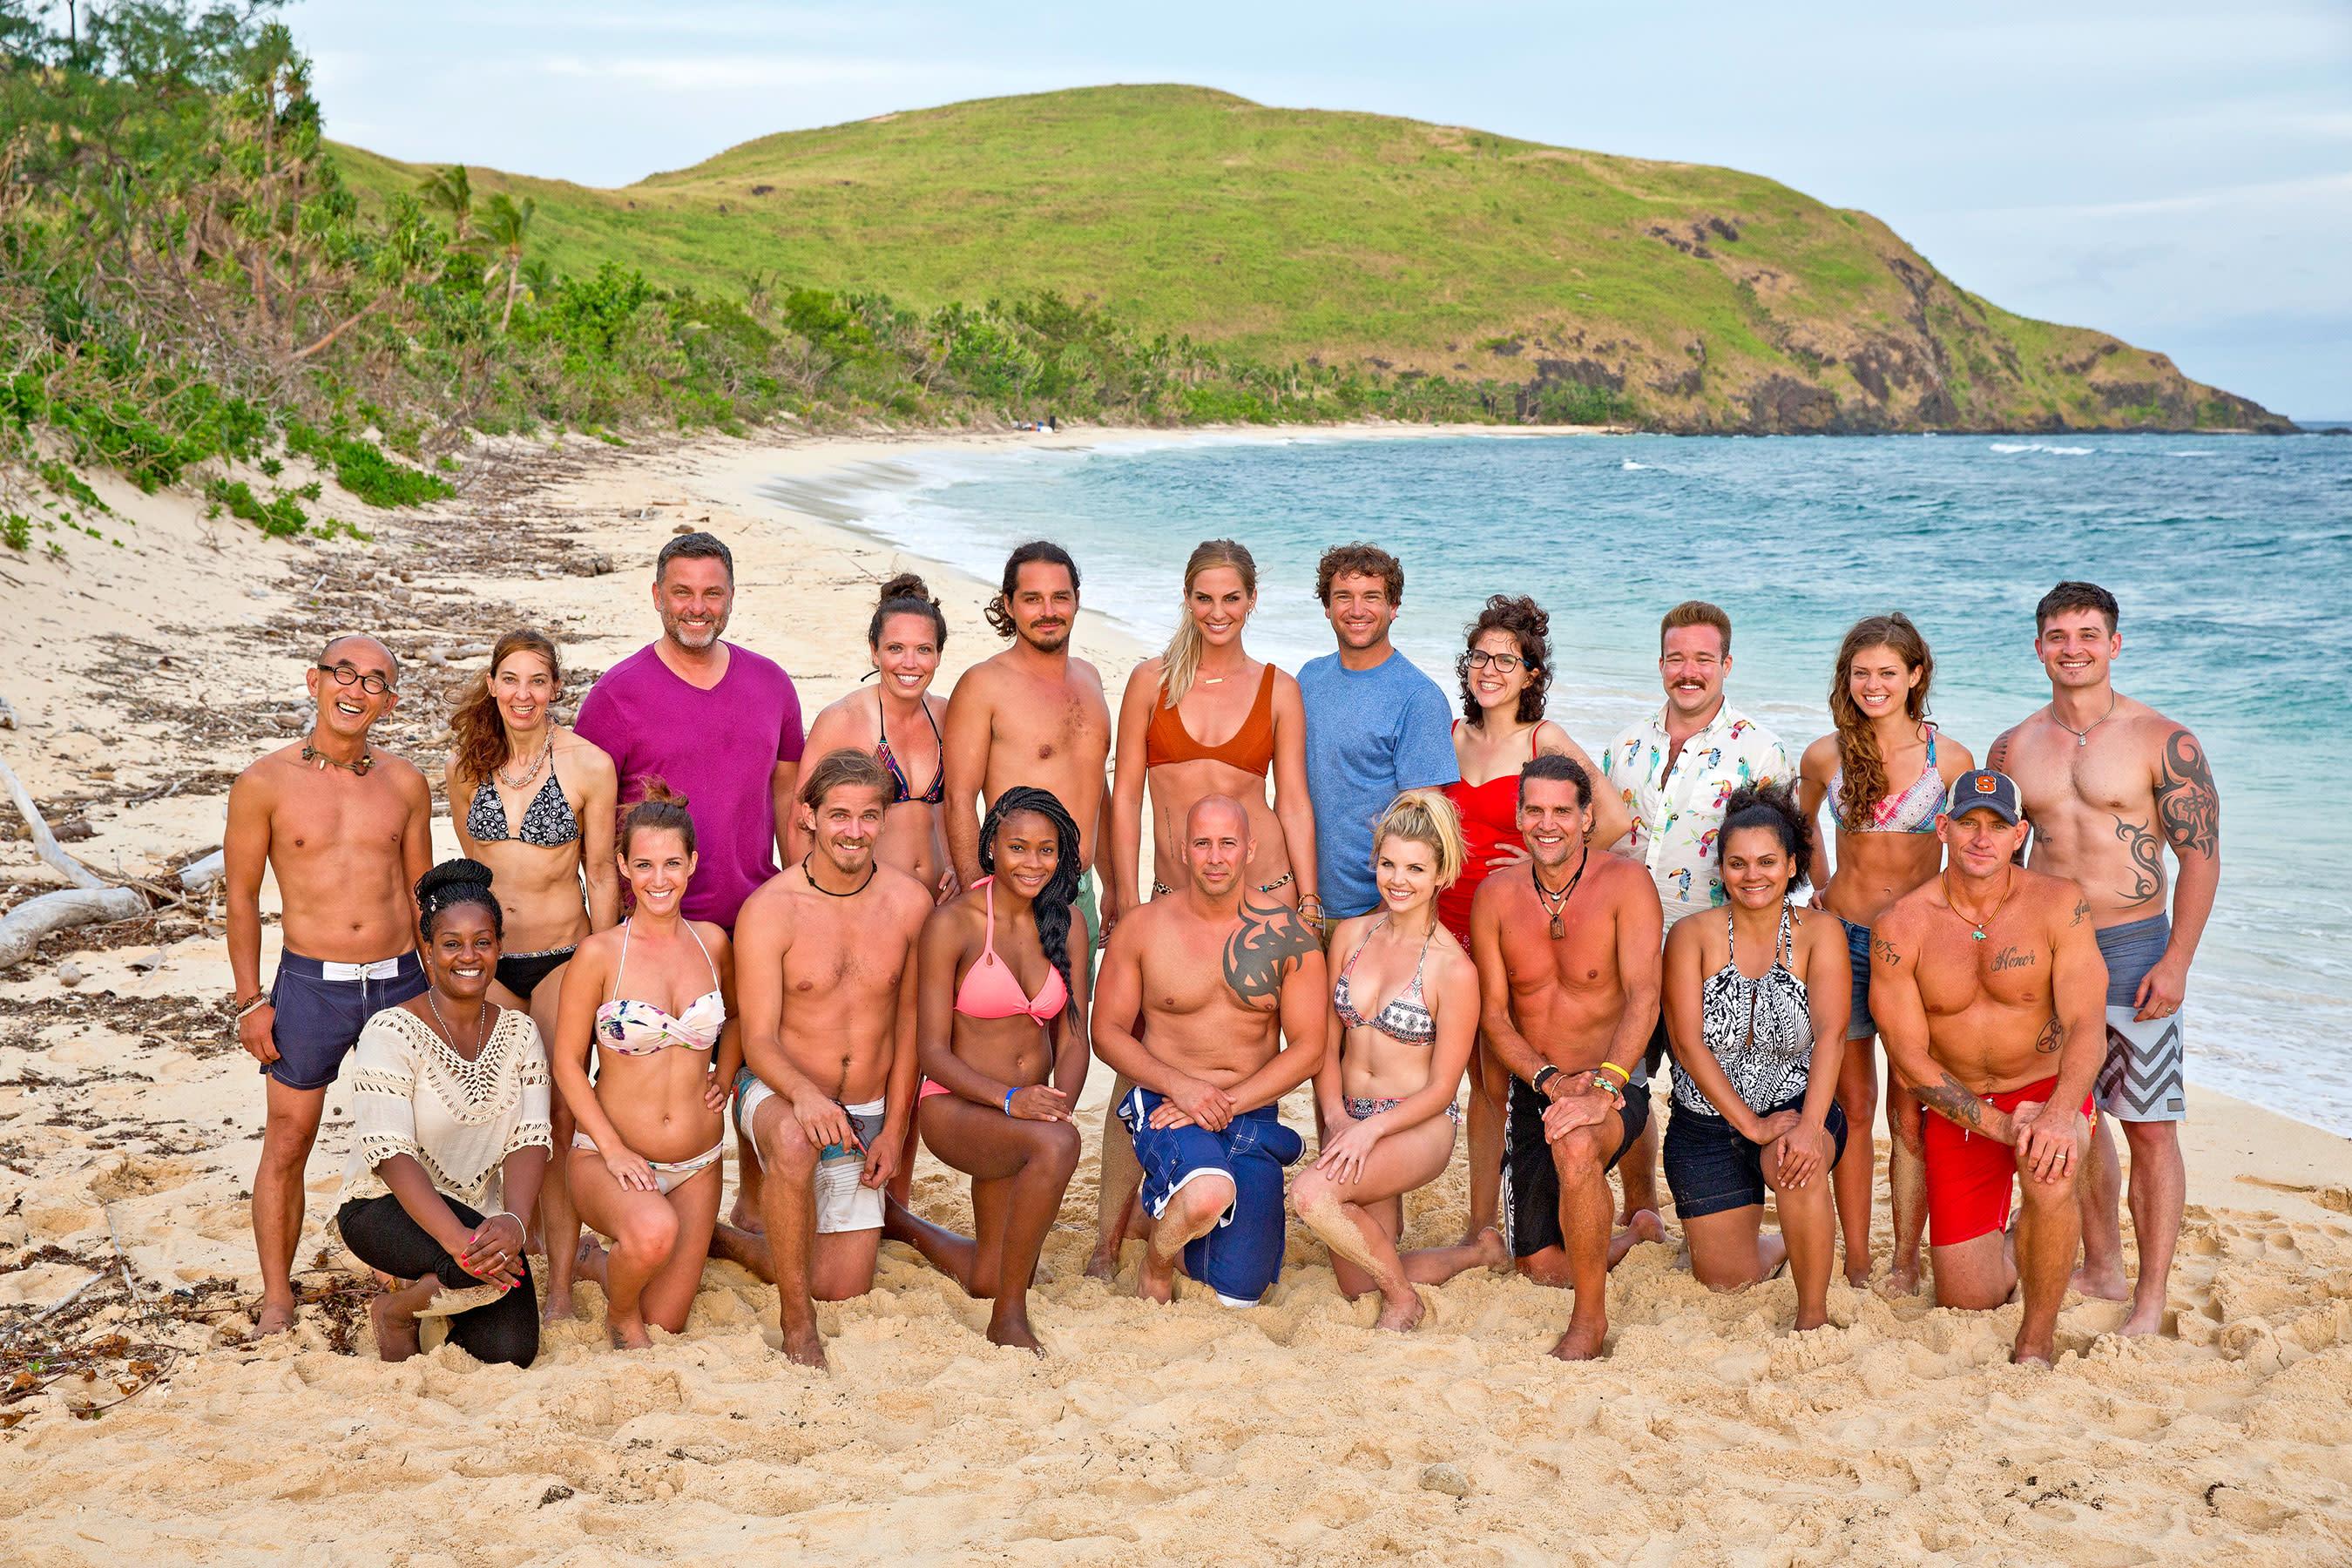 Survivor 2018 ünlüler ve gönüllüler yeni kadroları belli oldu Survivor all star kadrosunu dağıtan Acun Ilıcalı adaya denge getirdi Peki Survivorda kim